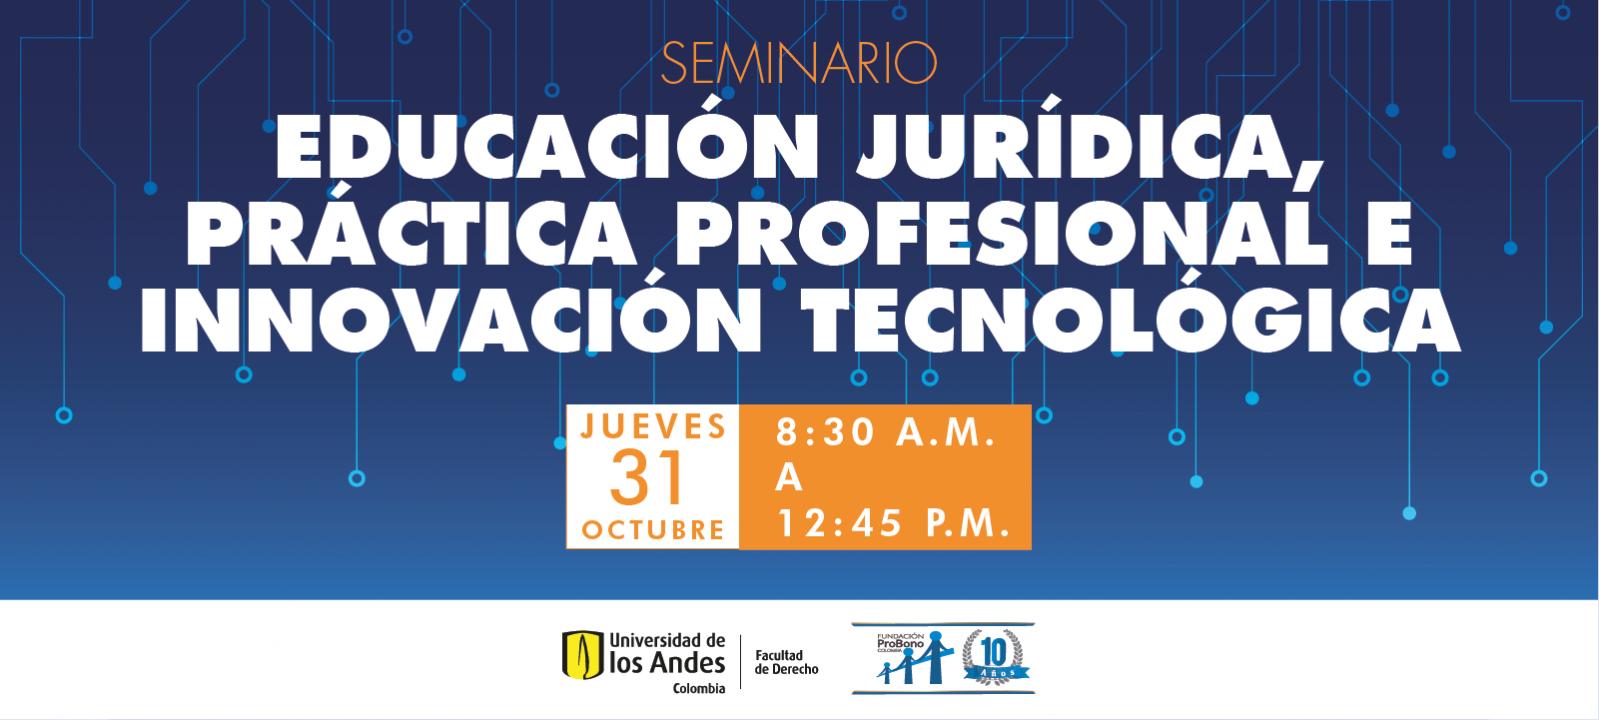 Educación jurídica, práctica profesional e innovación tecnológica